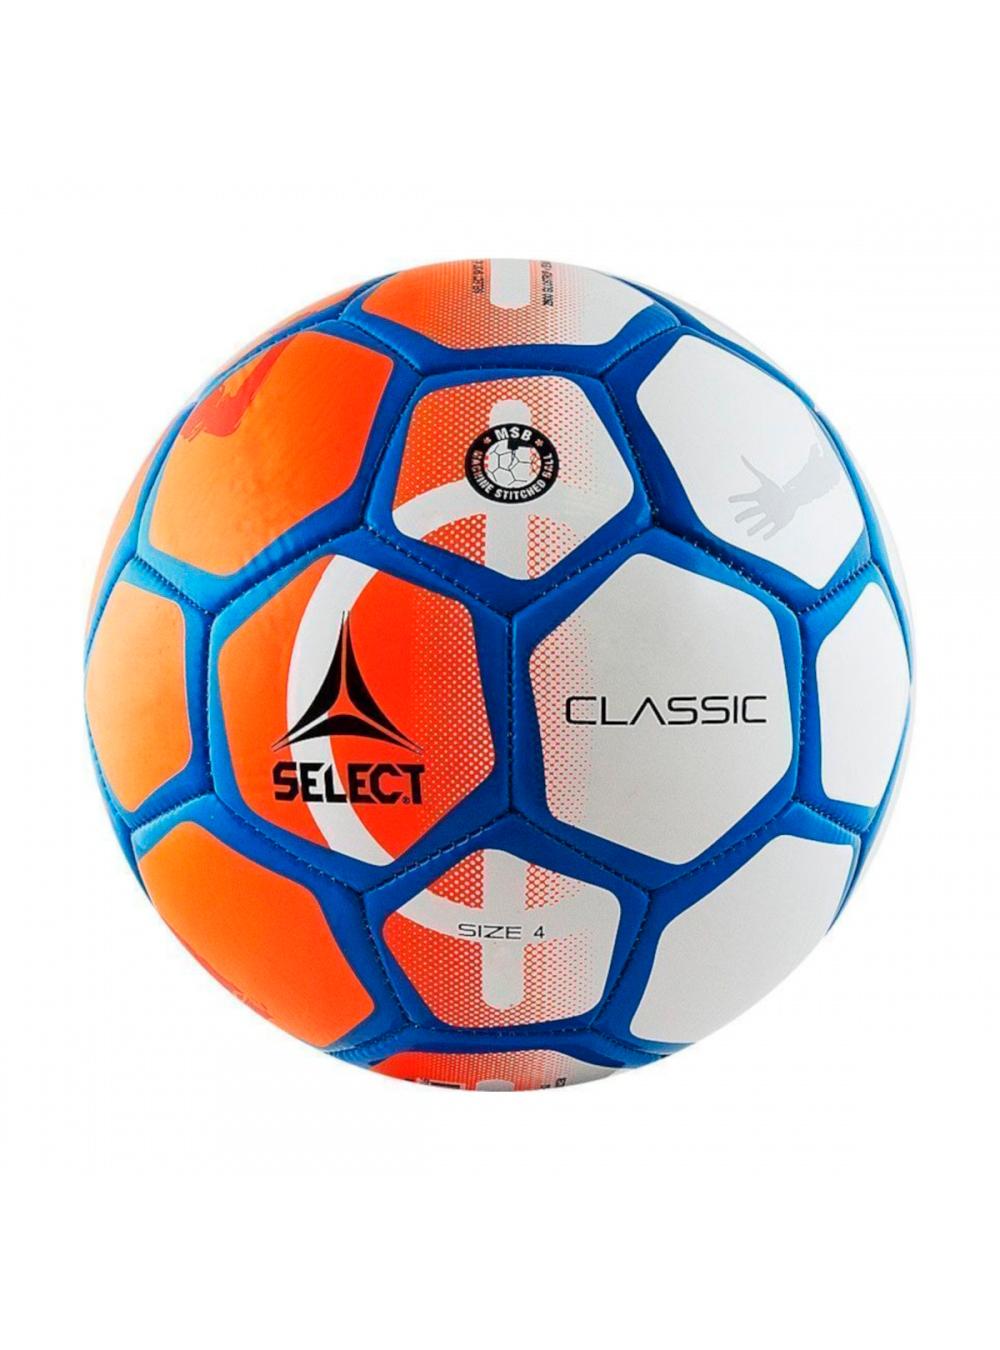 Мяч футбольный оранжевый/белый, размер 5 (SELEKT CLASSIC)